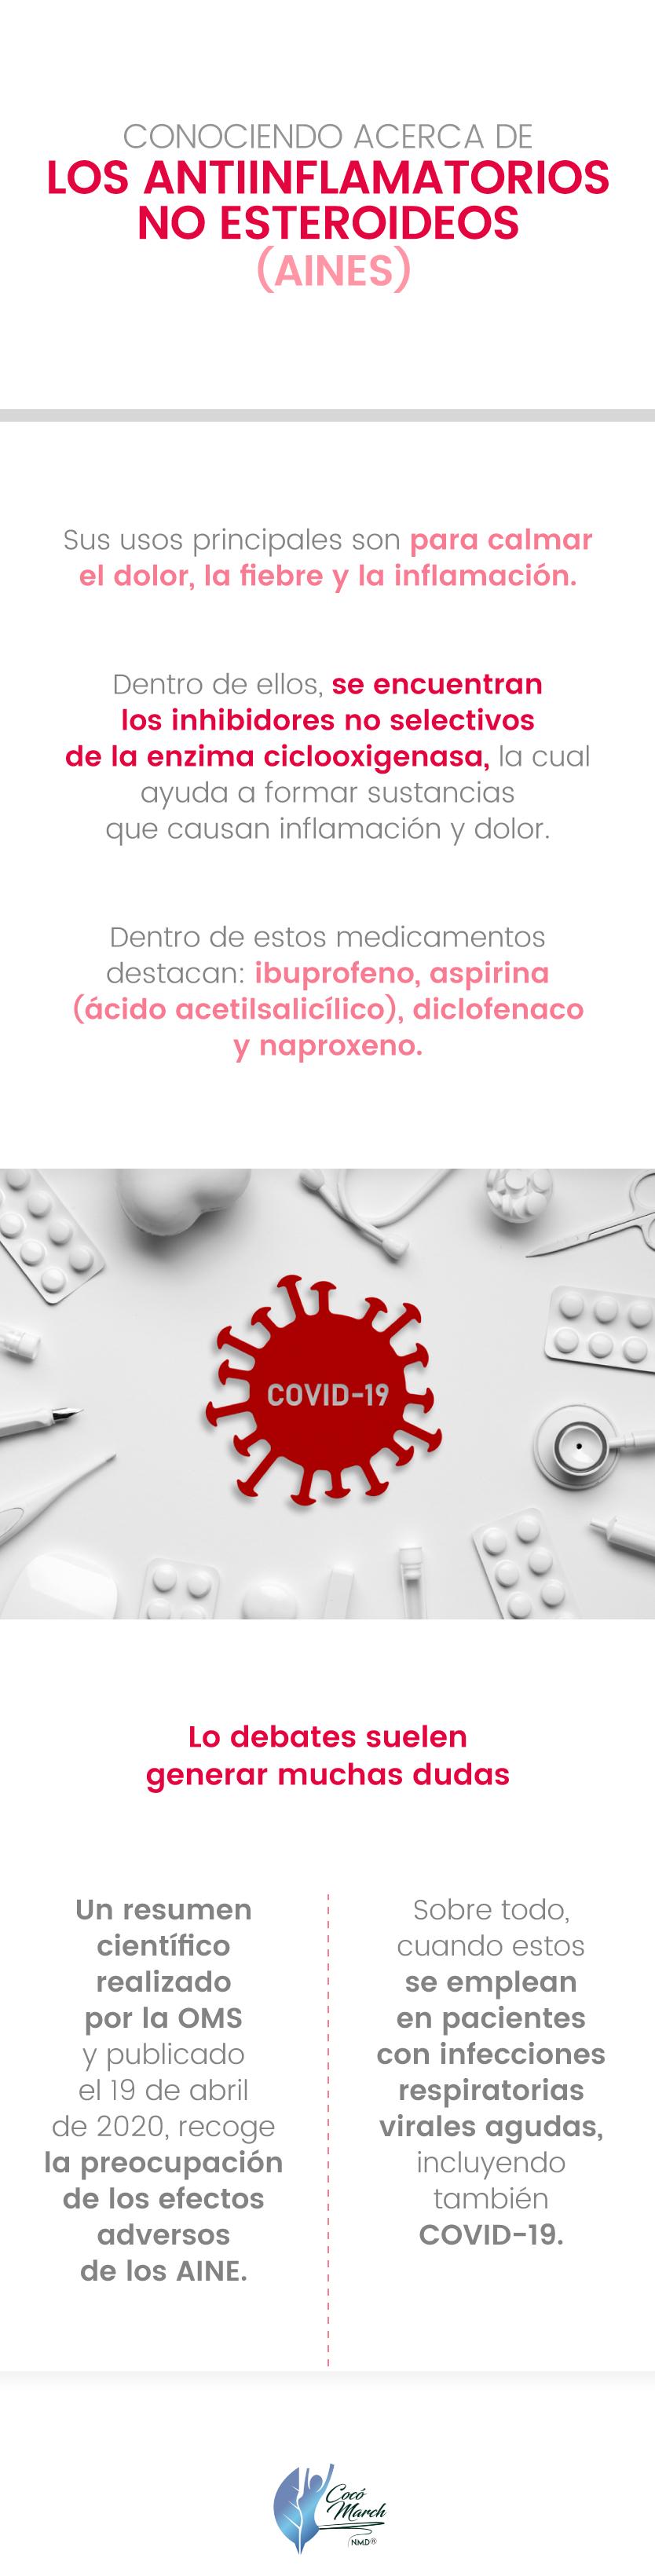 antiinflamatorios-no-esteroideos